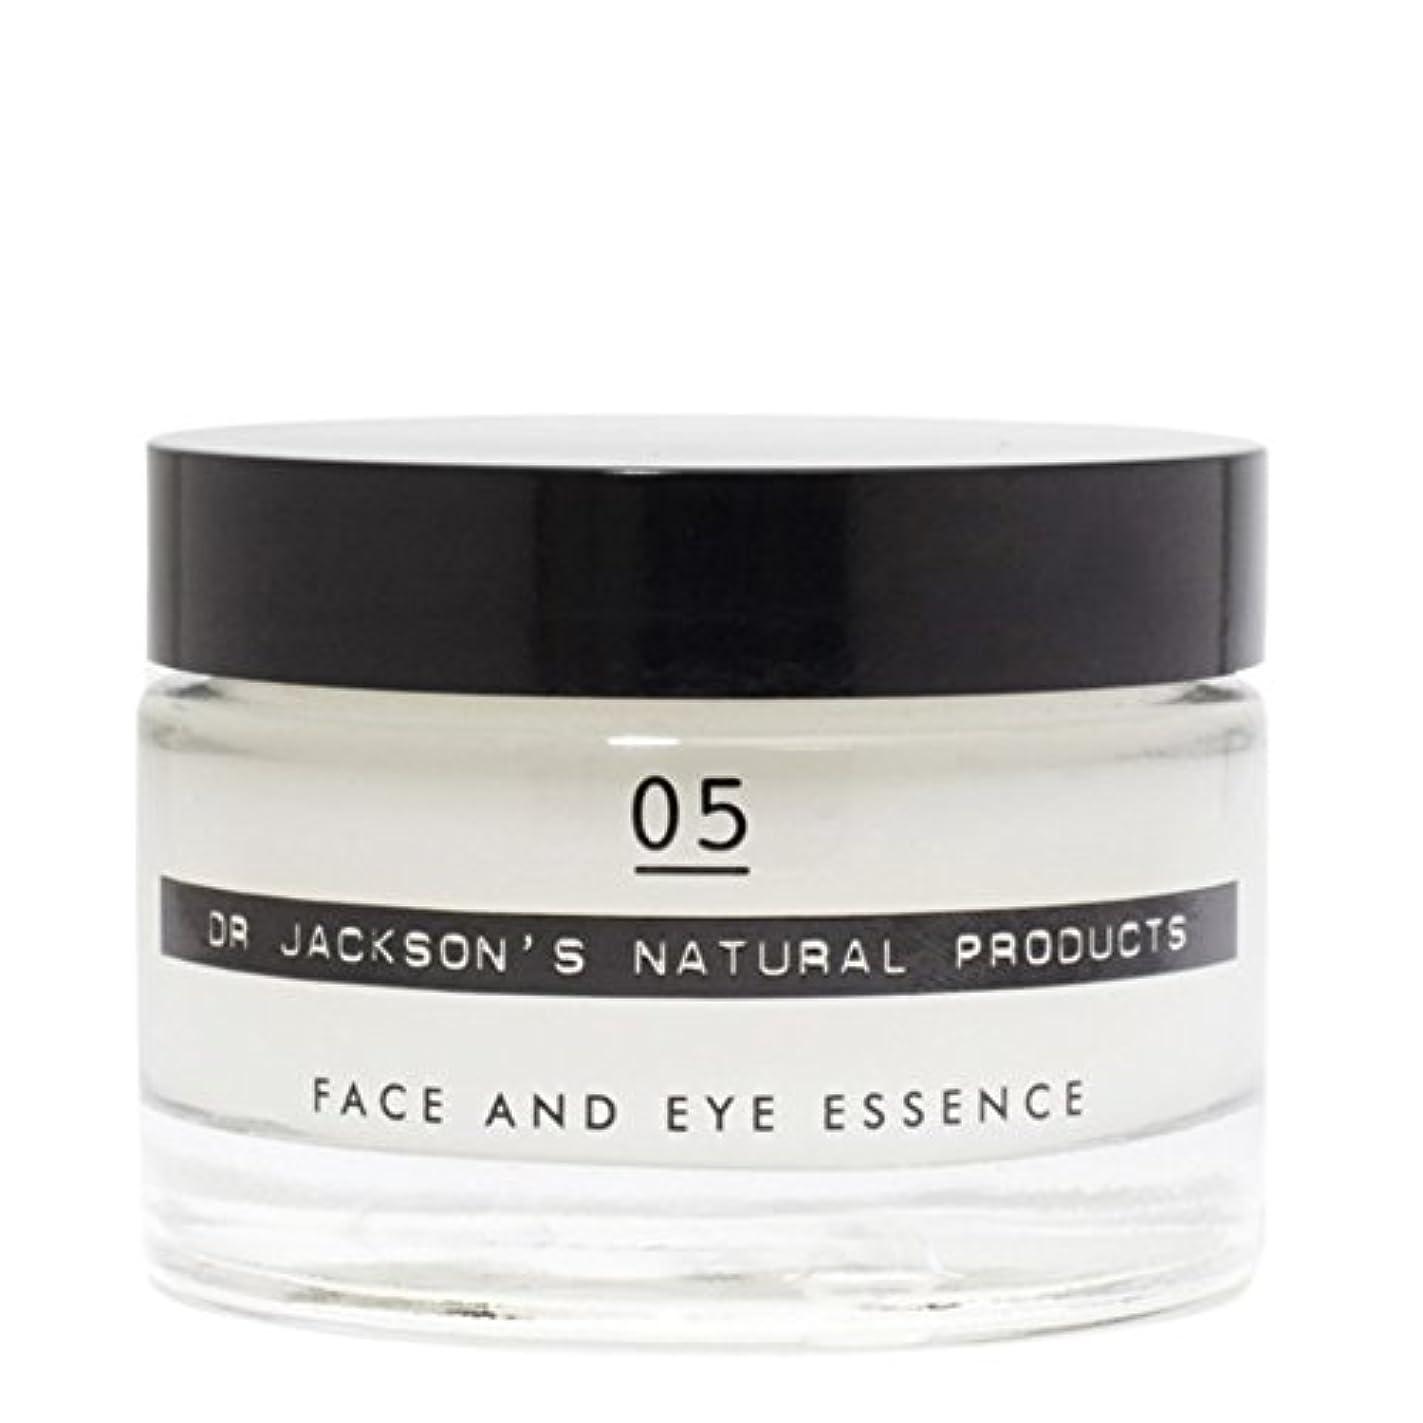 暴力的な成人期作りますジャクソンの05顔や目の本質50ミリリットル x4 - Dr Jackson's 05 Face and Eye Essence 50ml (Pack of 4) [並行輸入品]